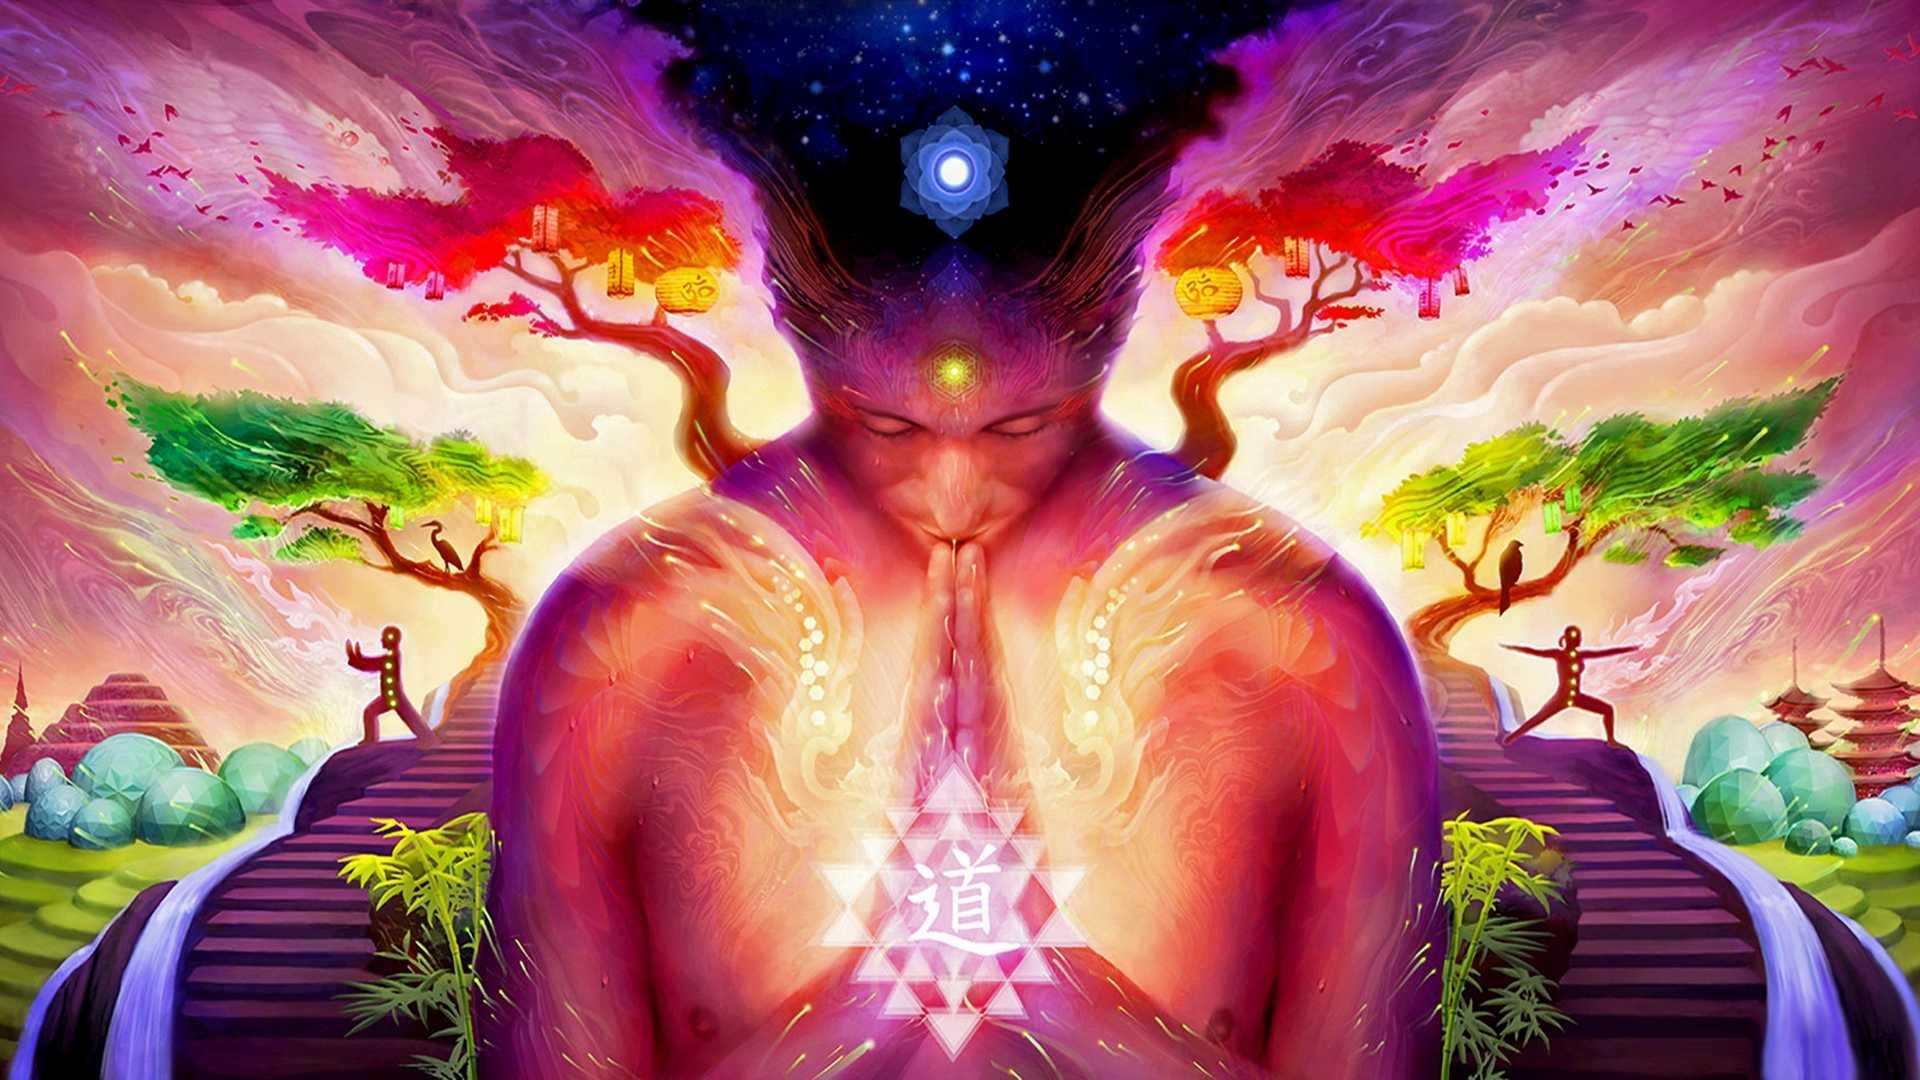 Какой бывает внутренний мир. что такое внутренний мир человека? богатый внутренний мир личности. отличия в уровнях развития личности